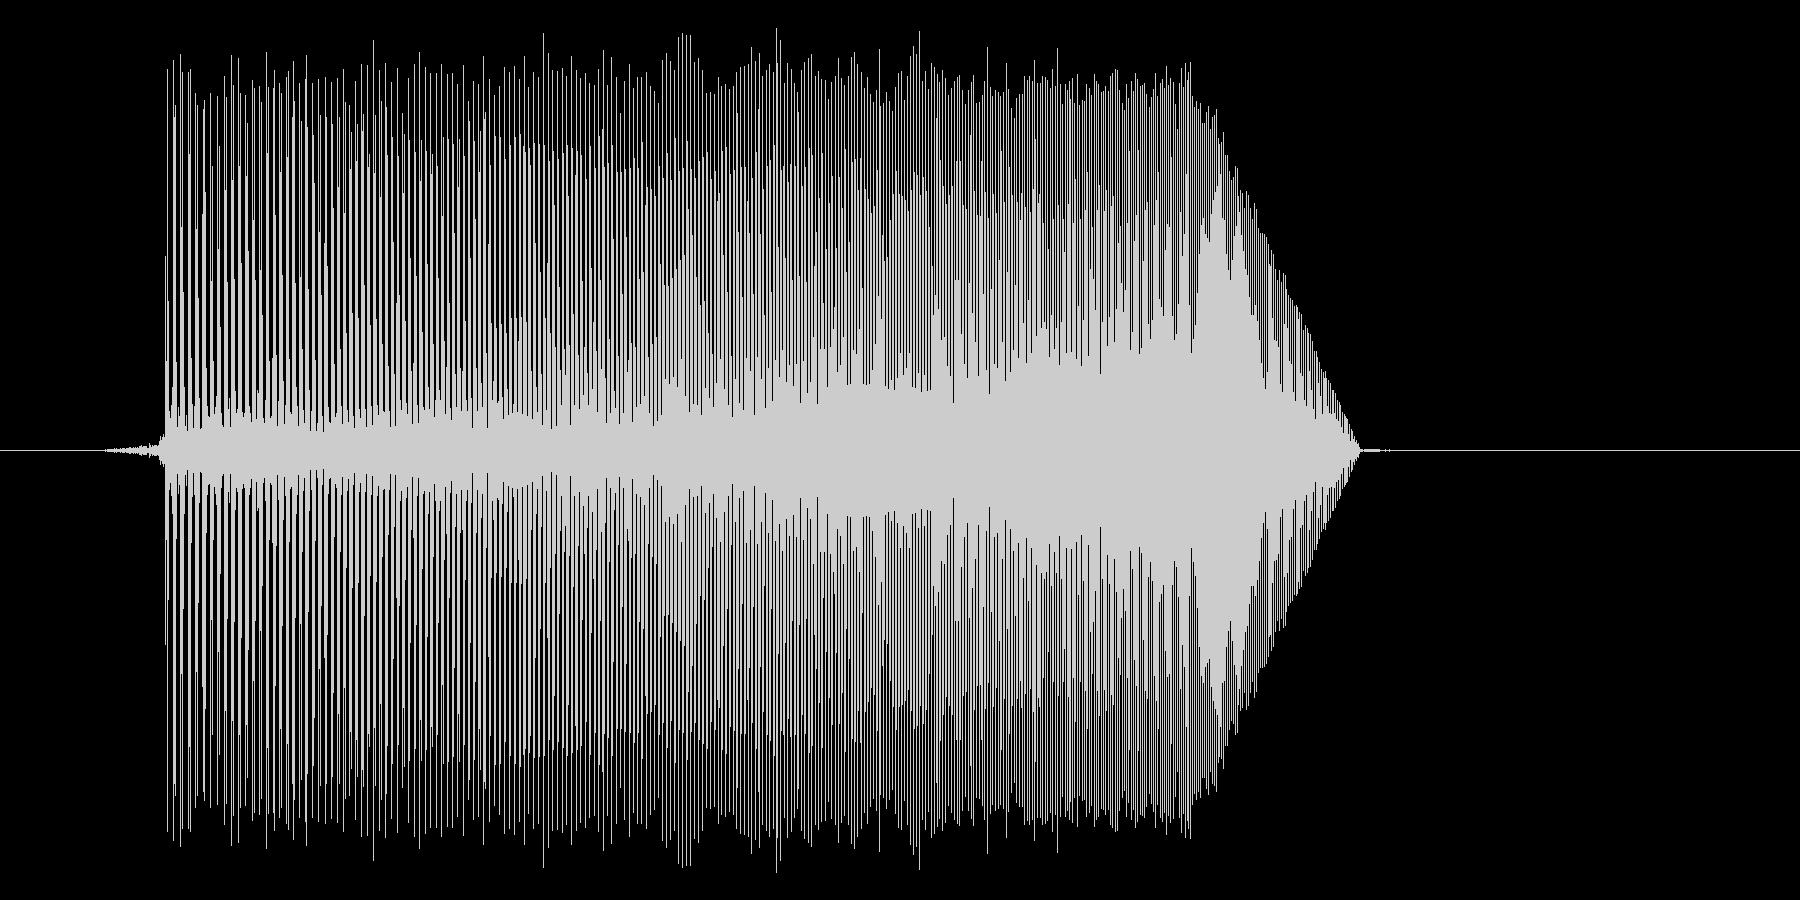 ゲーム(ファミコン風)ジャンプ音_047の未再生の波形